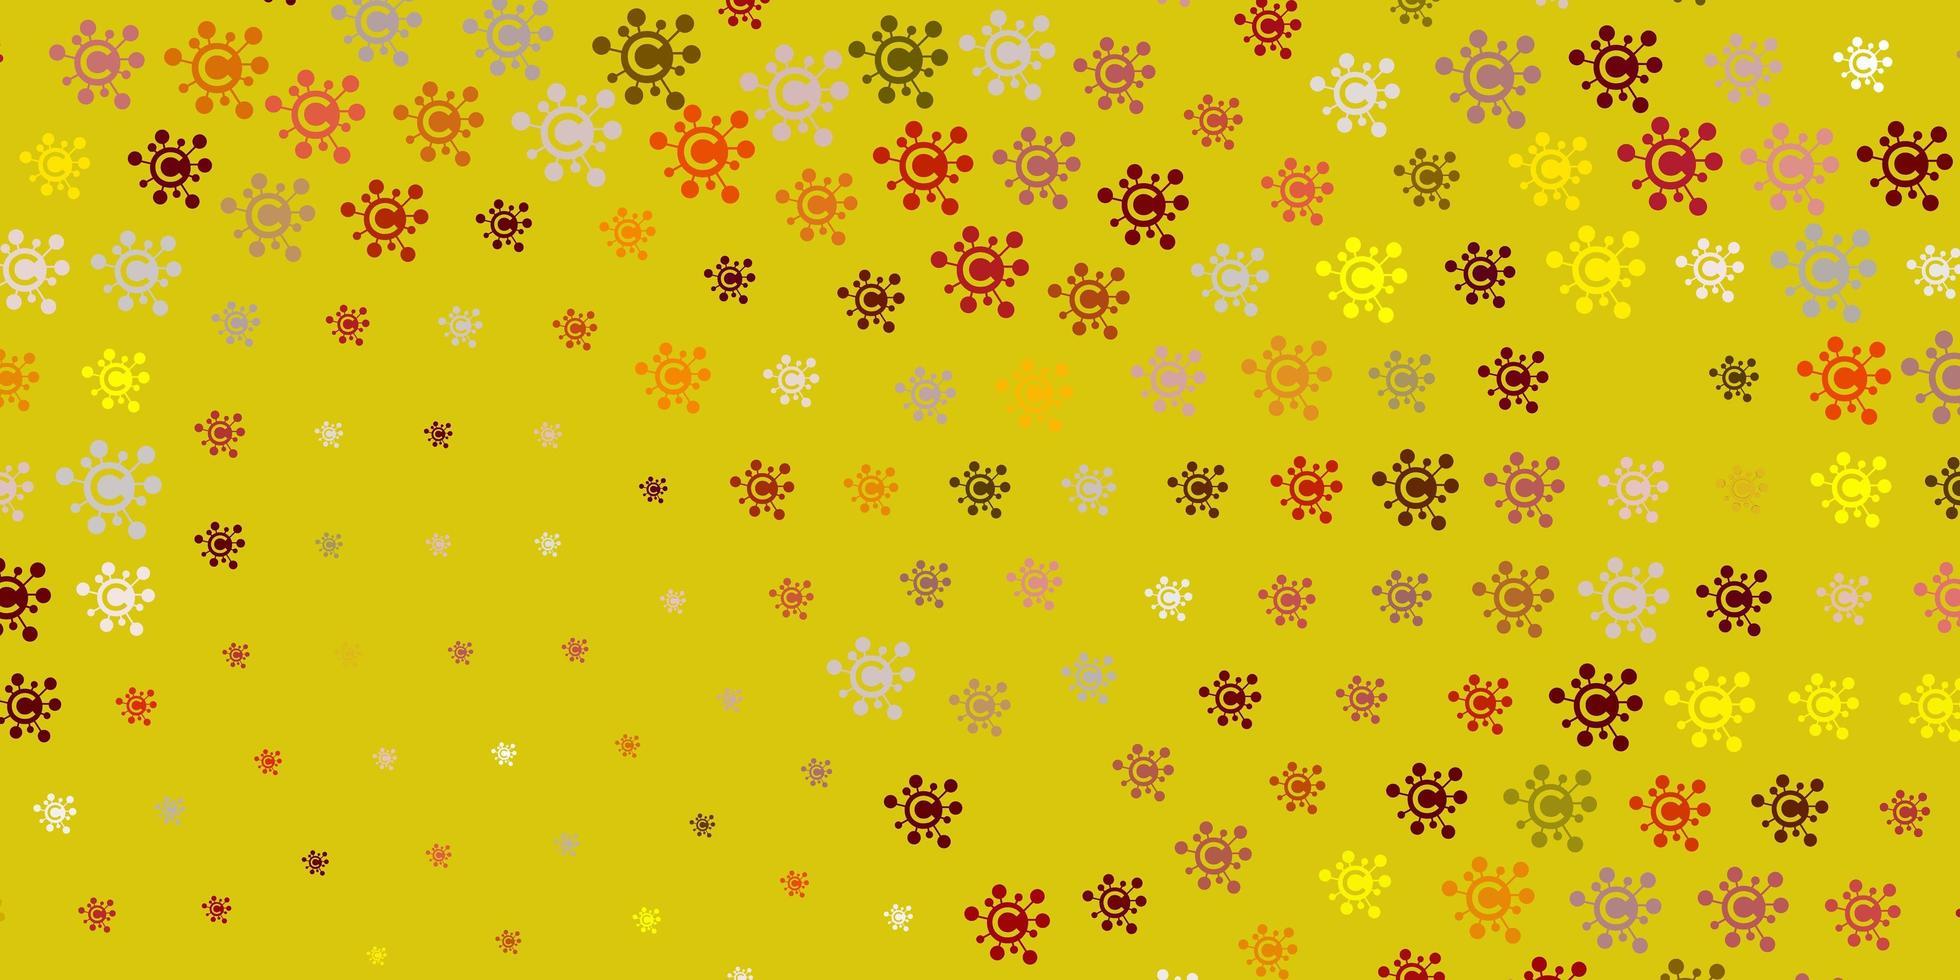 textura de color rojo claro, amarillo con símbolos de enfermedades. vector